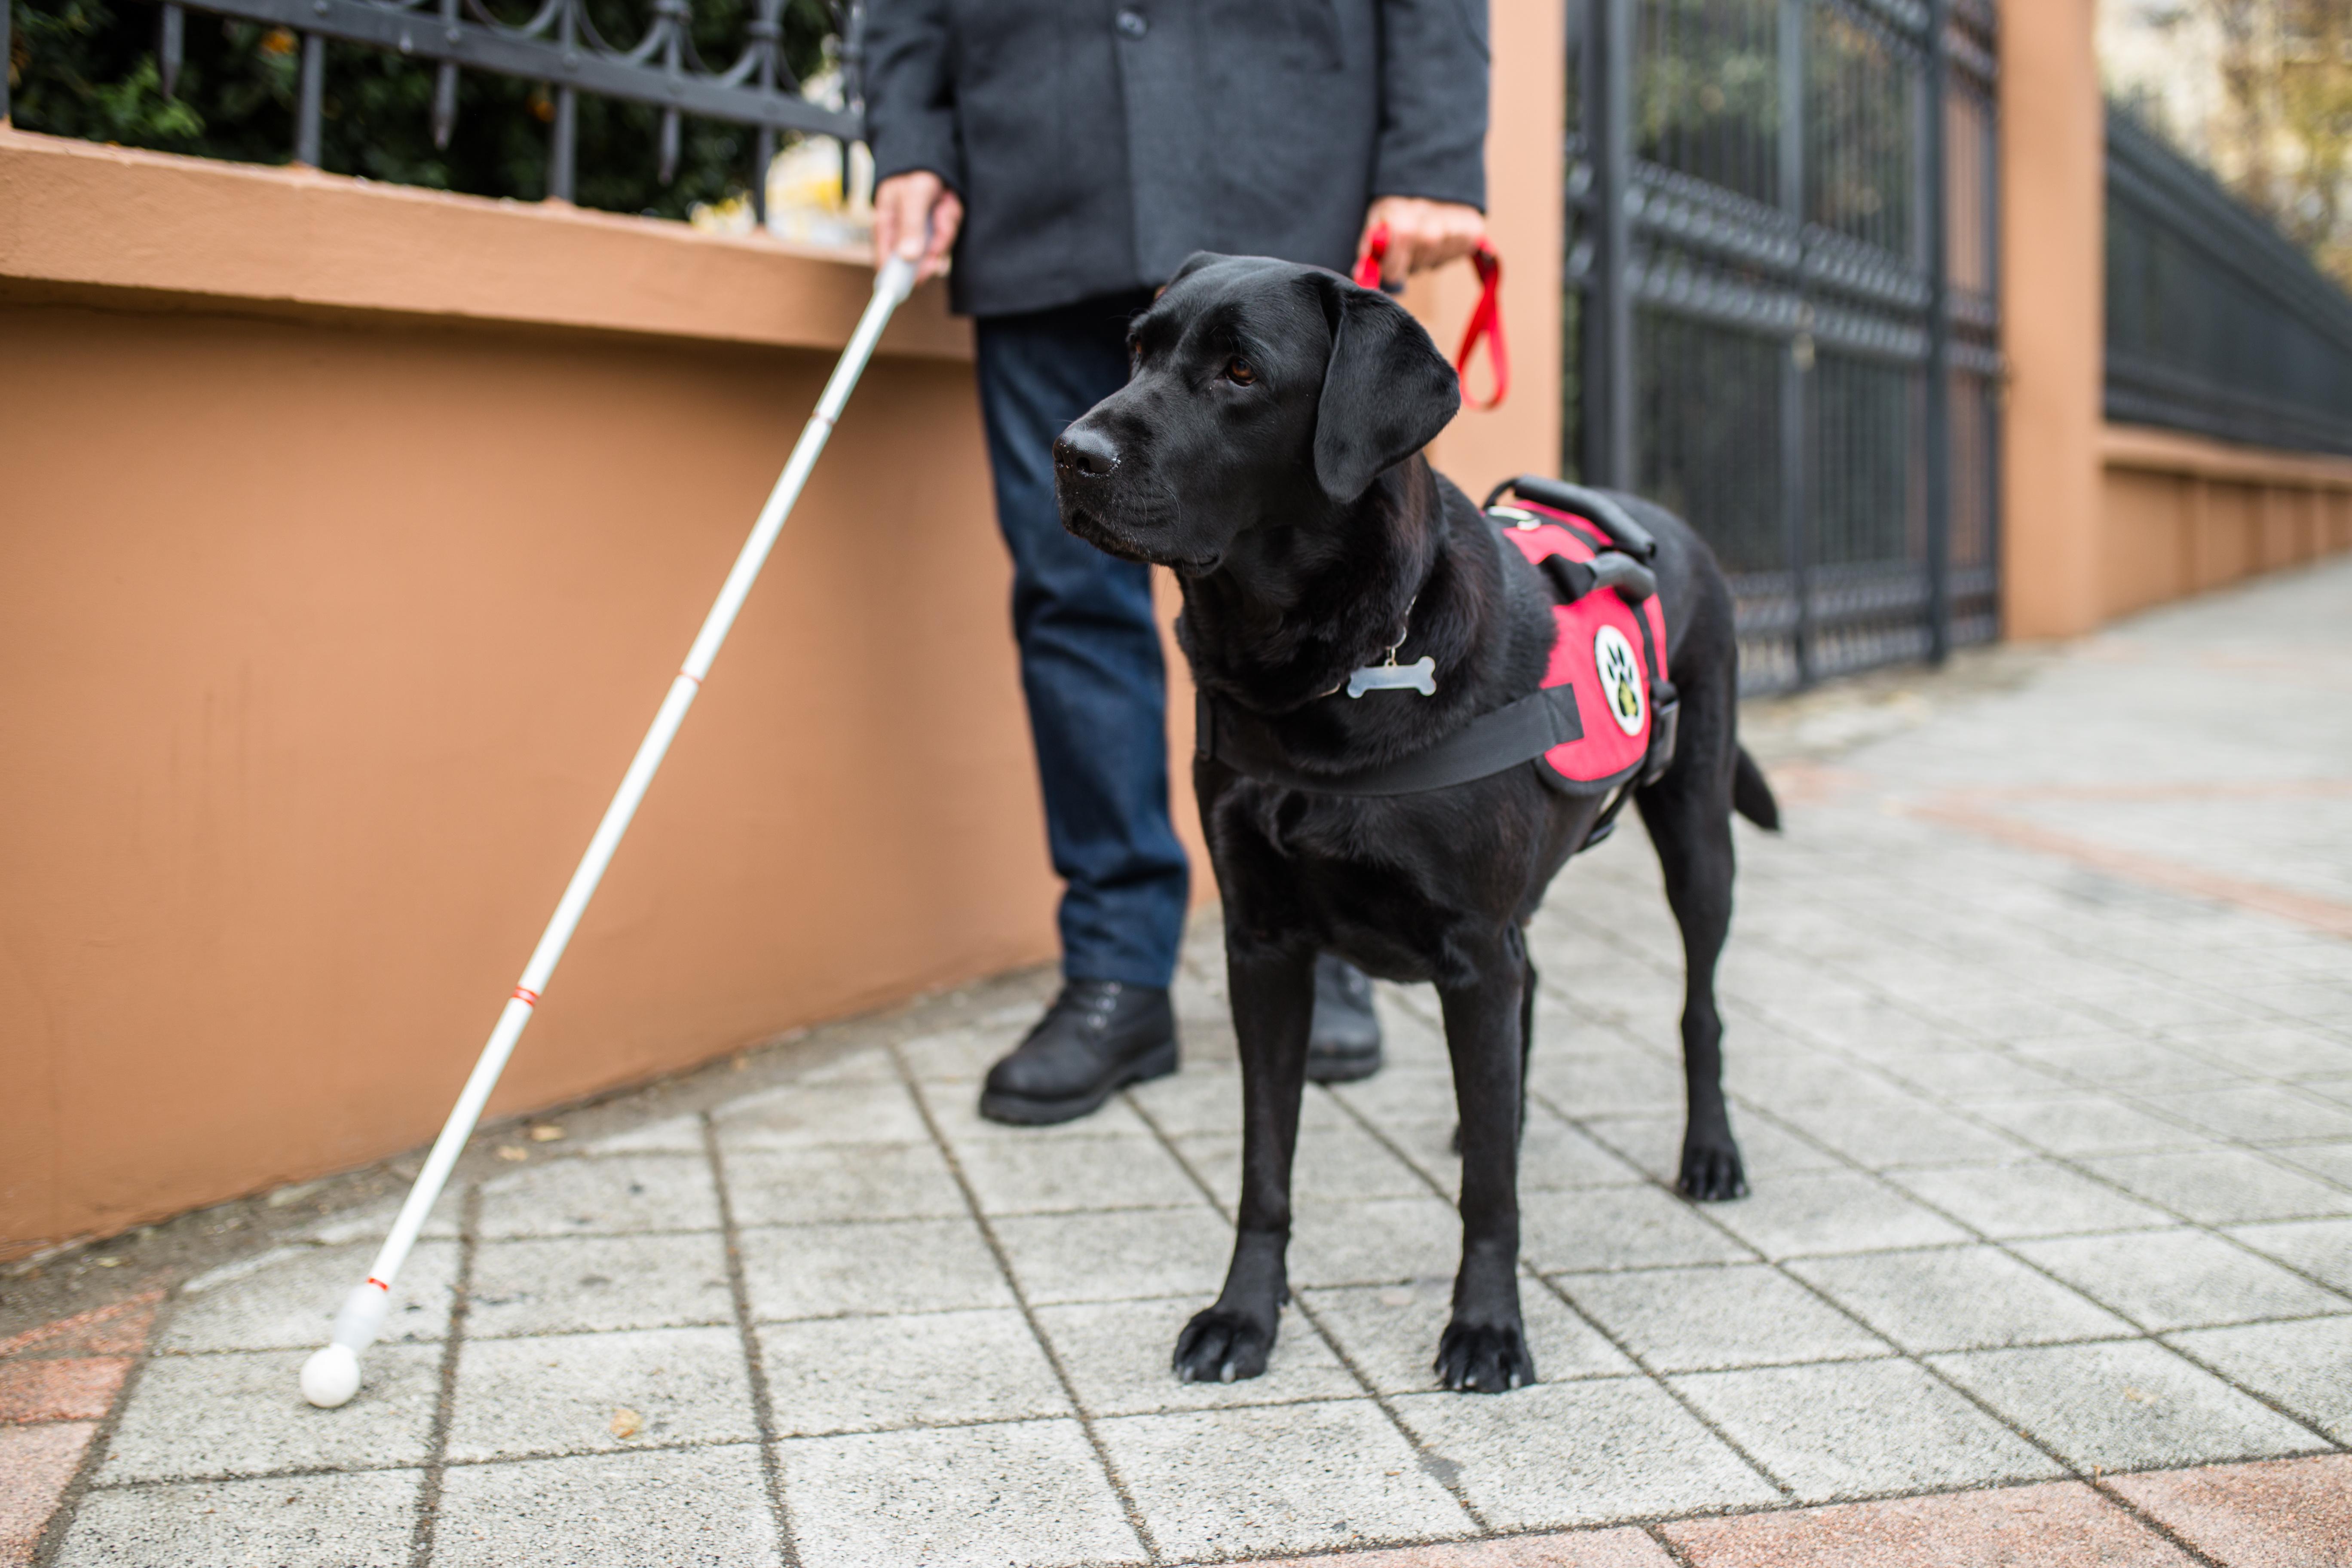 身体障害者補助犬法と管理規約について